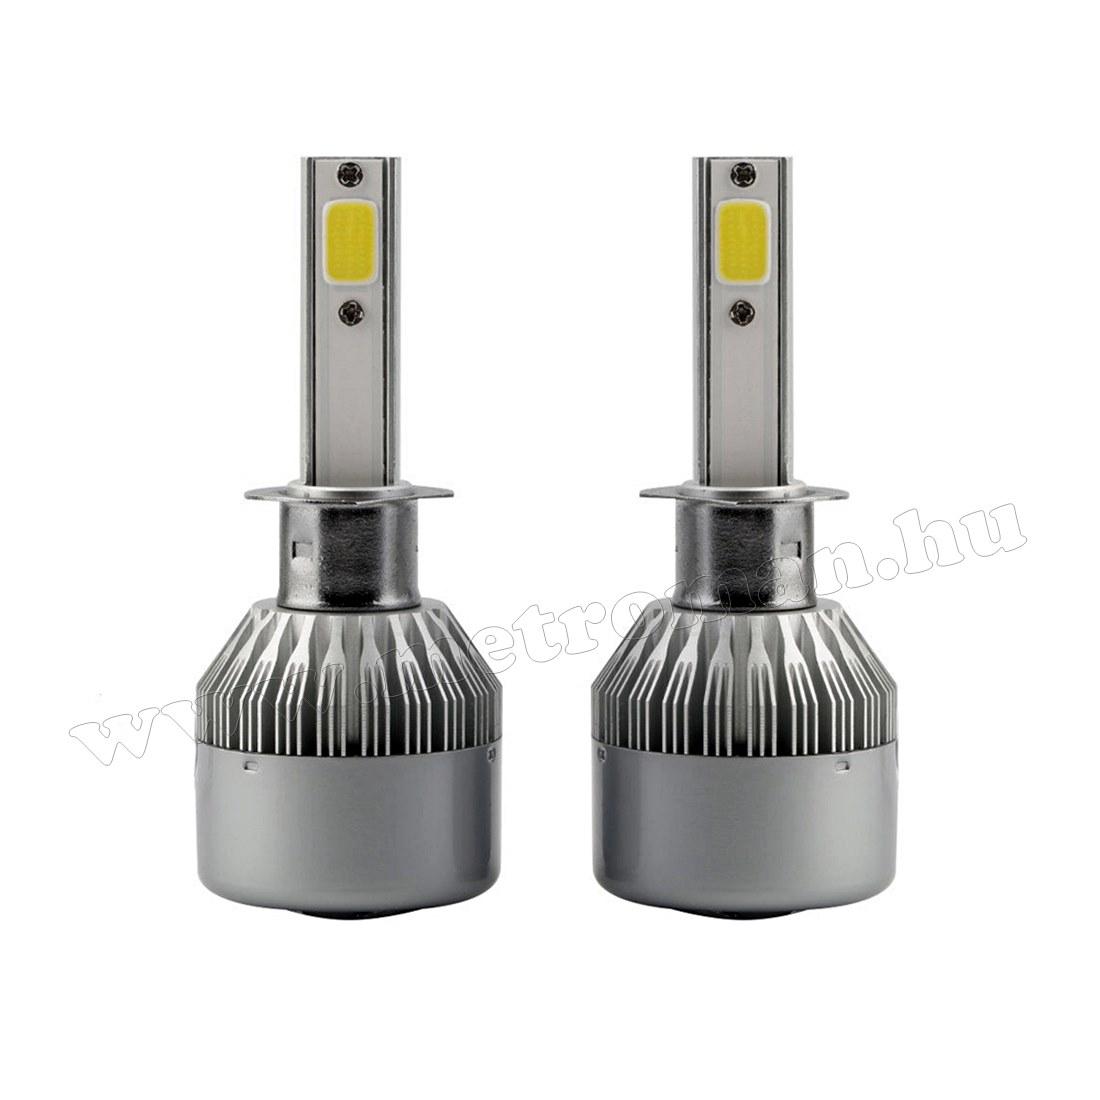 Autós H1 LED reflektor izzó szett 30 W MLED-H1-4300K